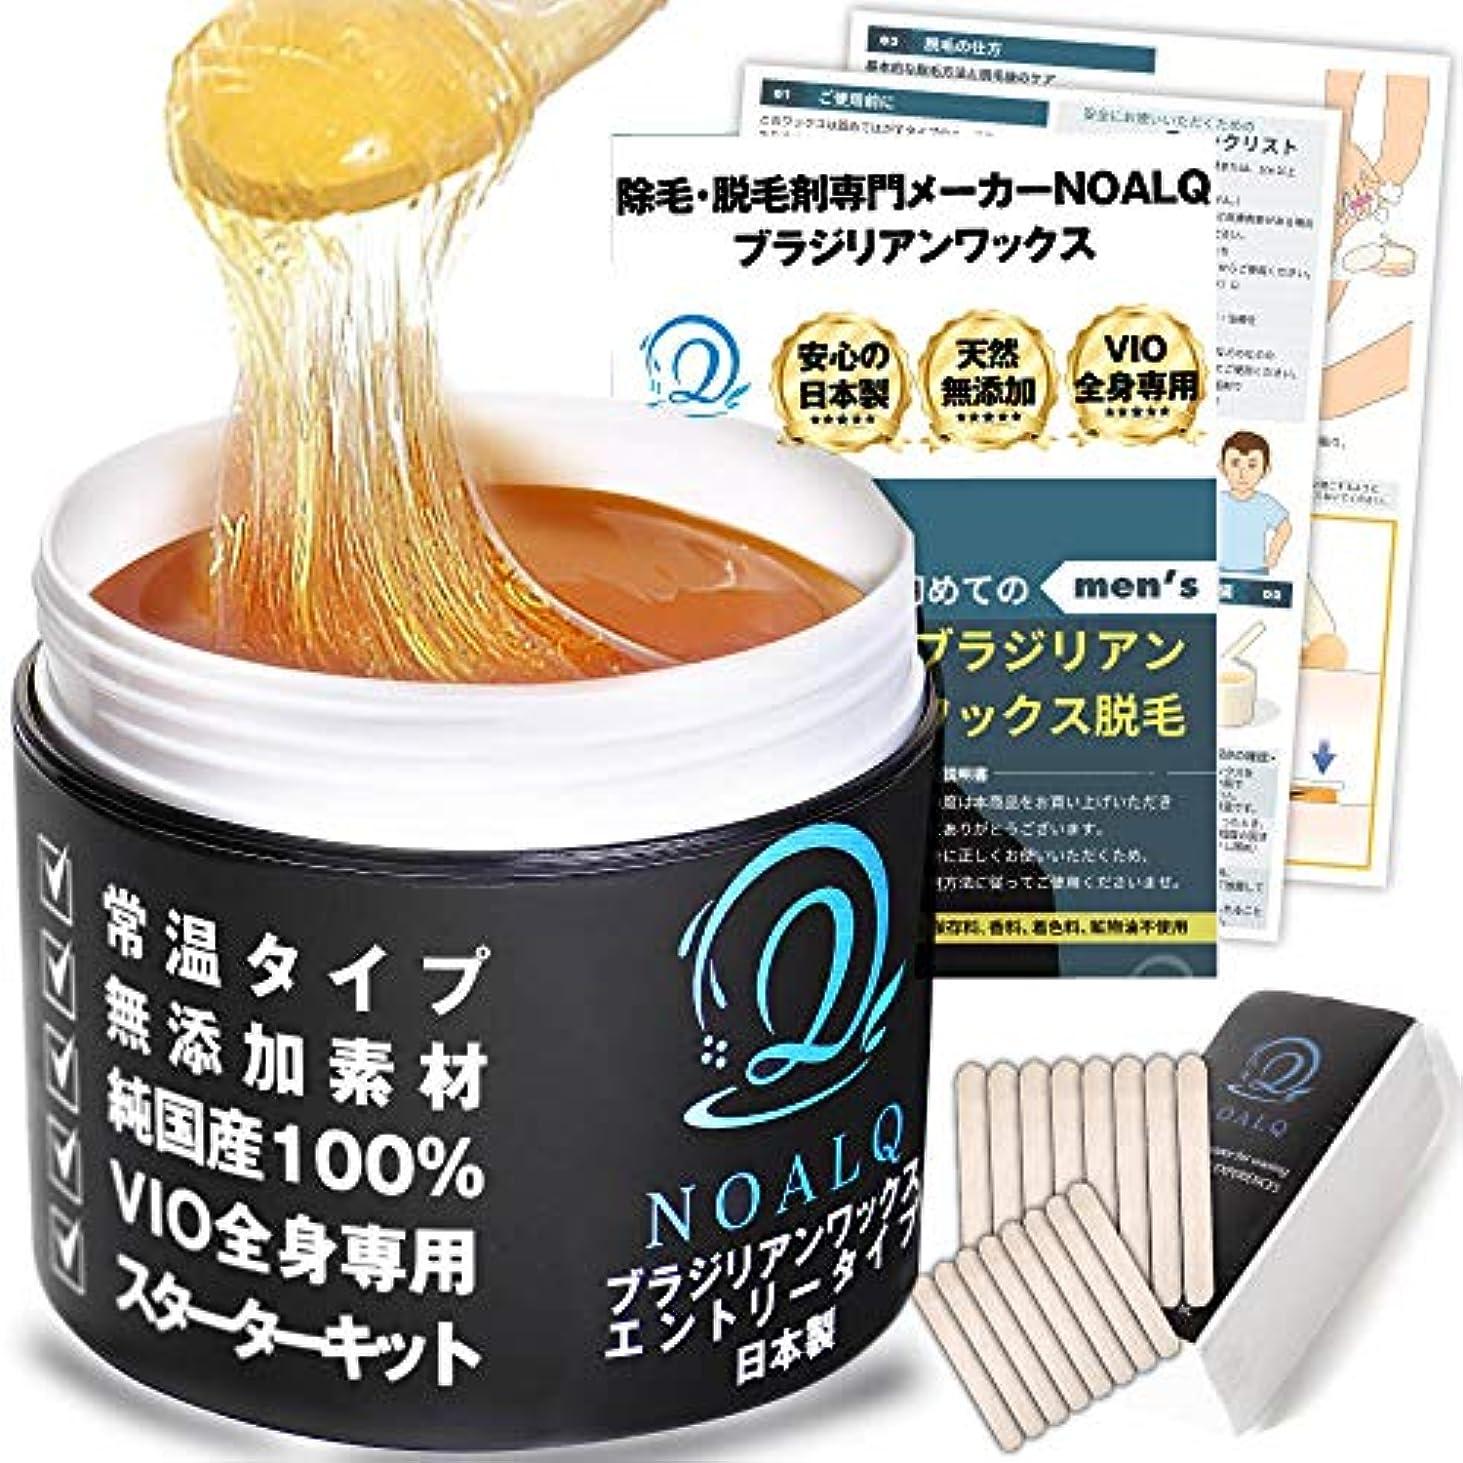 スクラッチ時保有者NOALQ(ノアルク) ブラジリアンワックス エントリータイプ 天然無添加素材 純国産100% VIO 全身脱毛専用 スターターキット